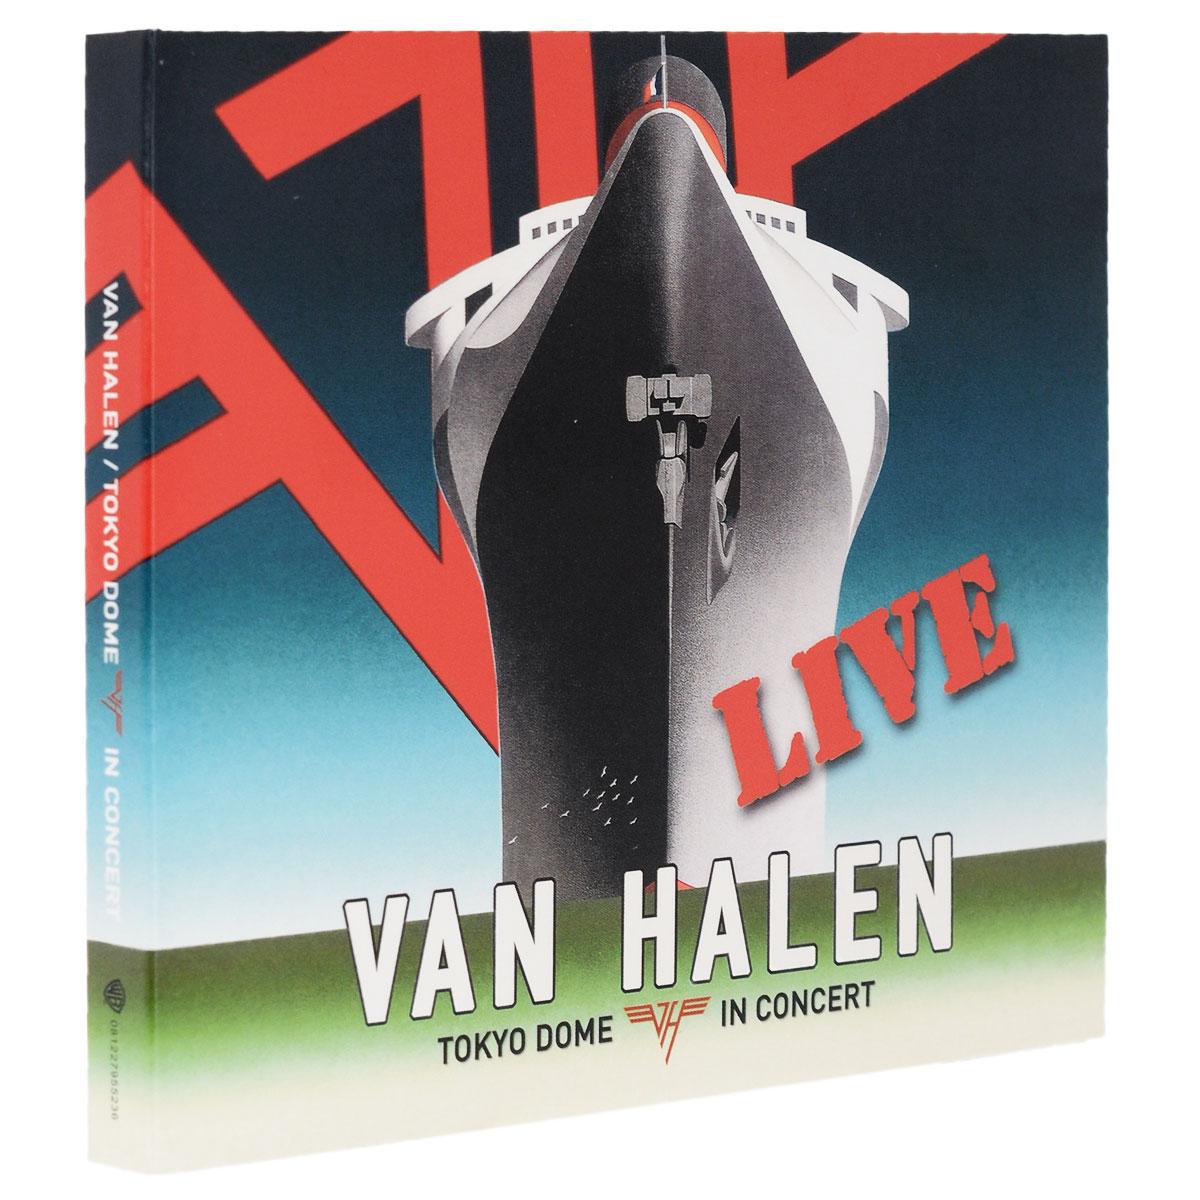 Van Halen Van Halen. Tokyo Dome In Concert (Live) (2 CD) гладиатор live in concert 2018 02 22t19 30